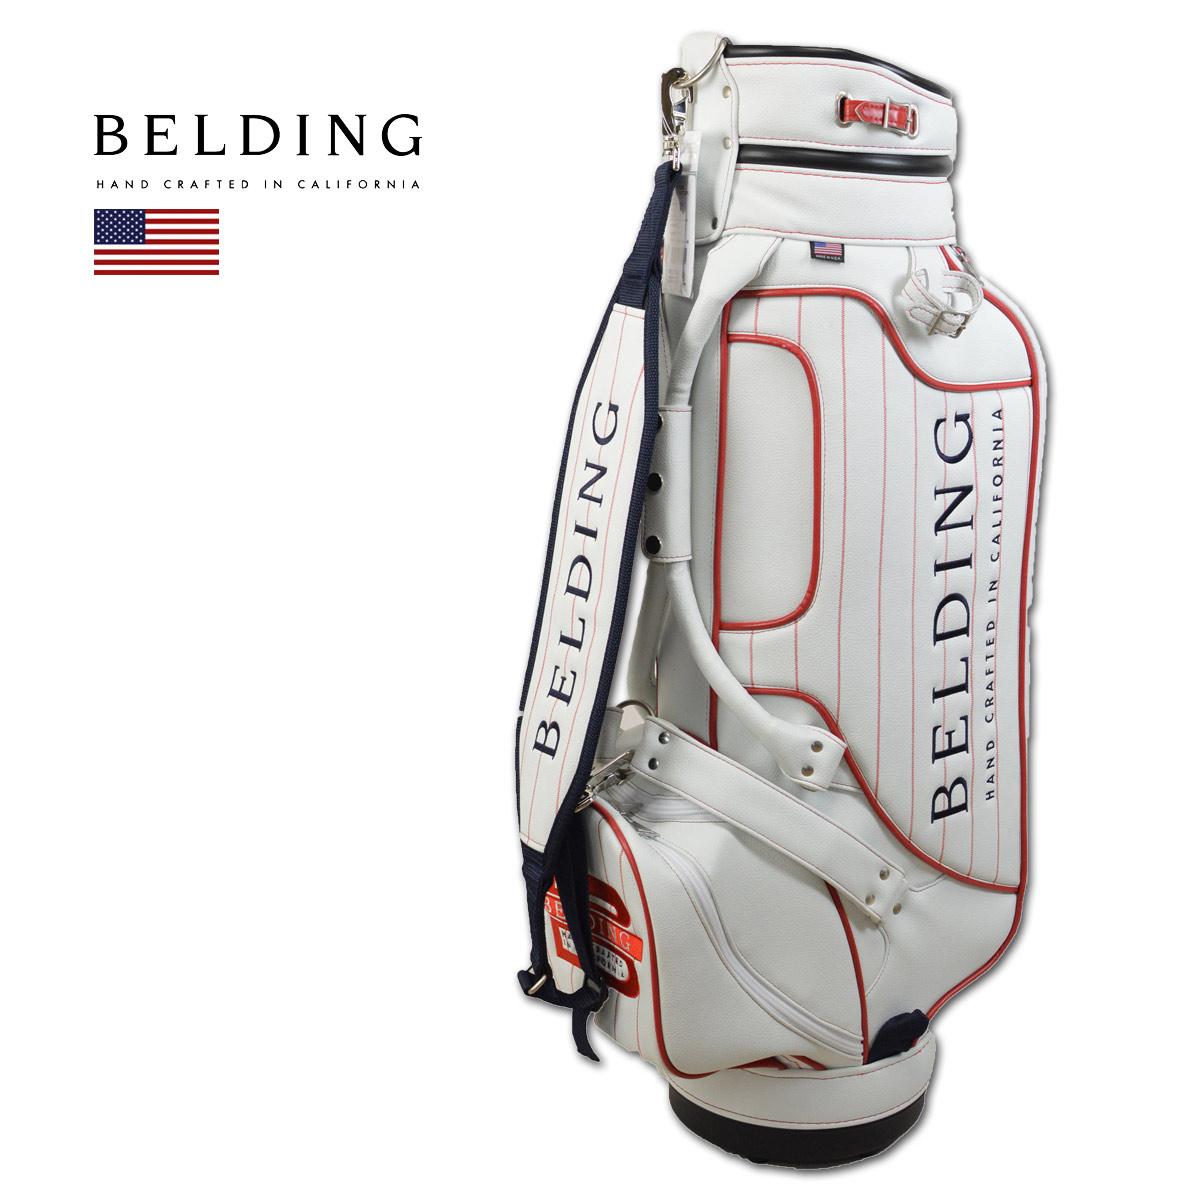 BELDING キャディバッグ メンズ 白 赤 hbcb-850124【 あす楽 送料無料 】[ ベルディング ゴルフ スタンド 8.5インチ 5分割 クルーズ CLUZ ゴルフバッグ キャディバック かっこいい おしゃれ golf 高級 レア ]